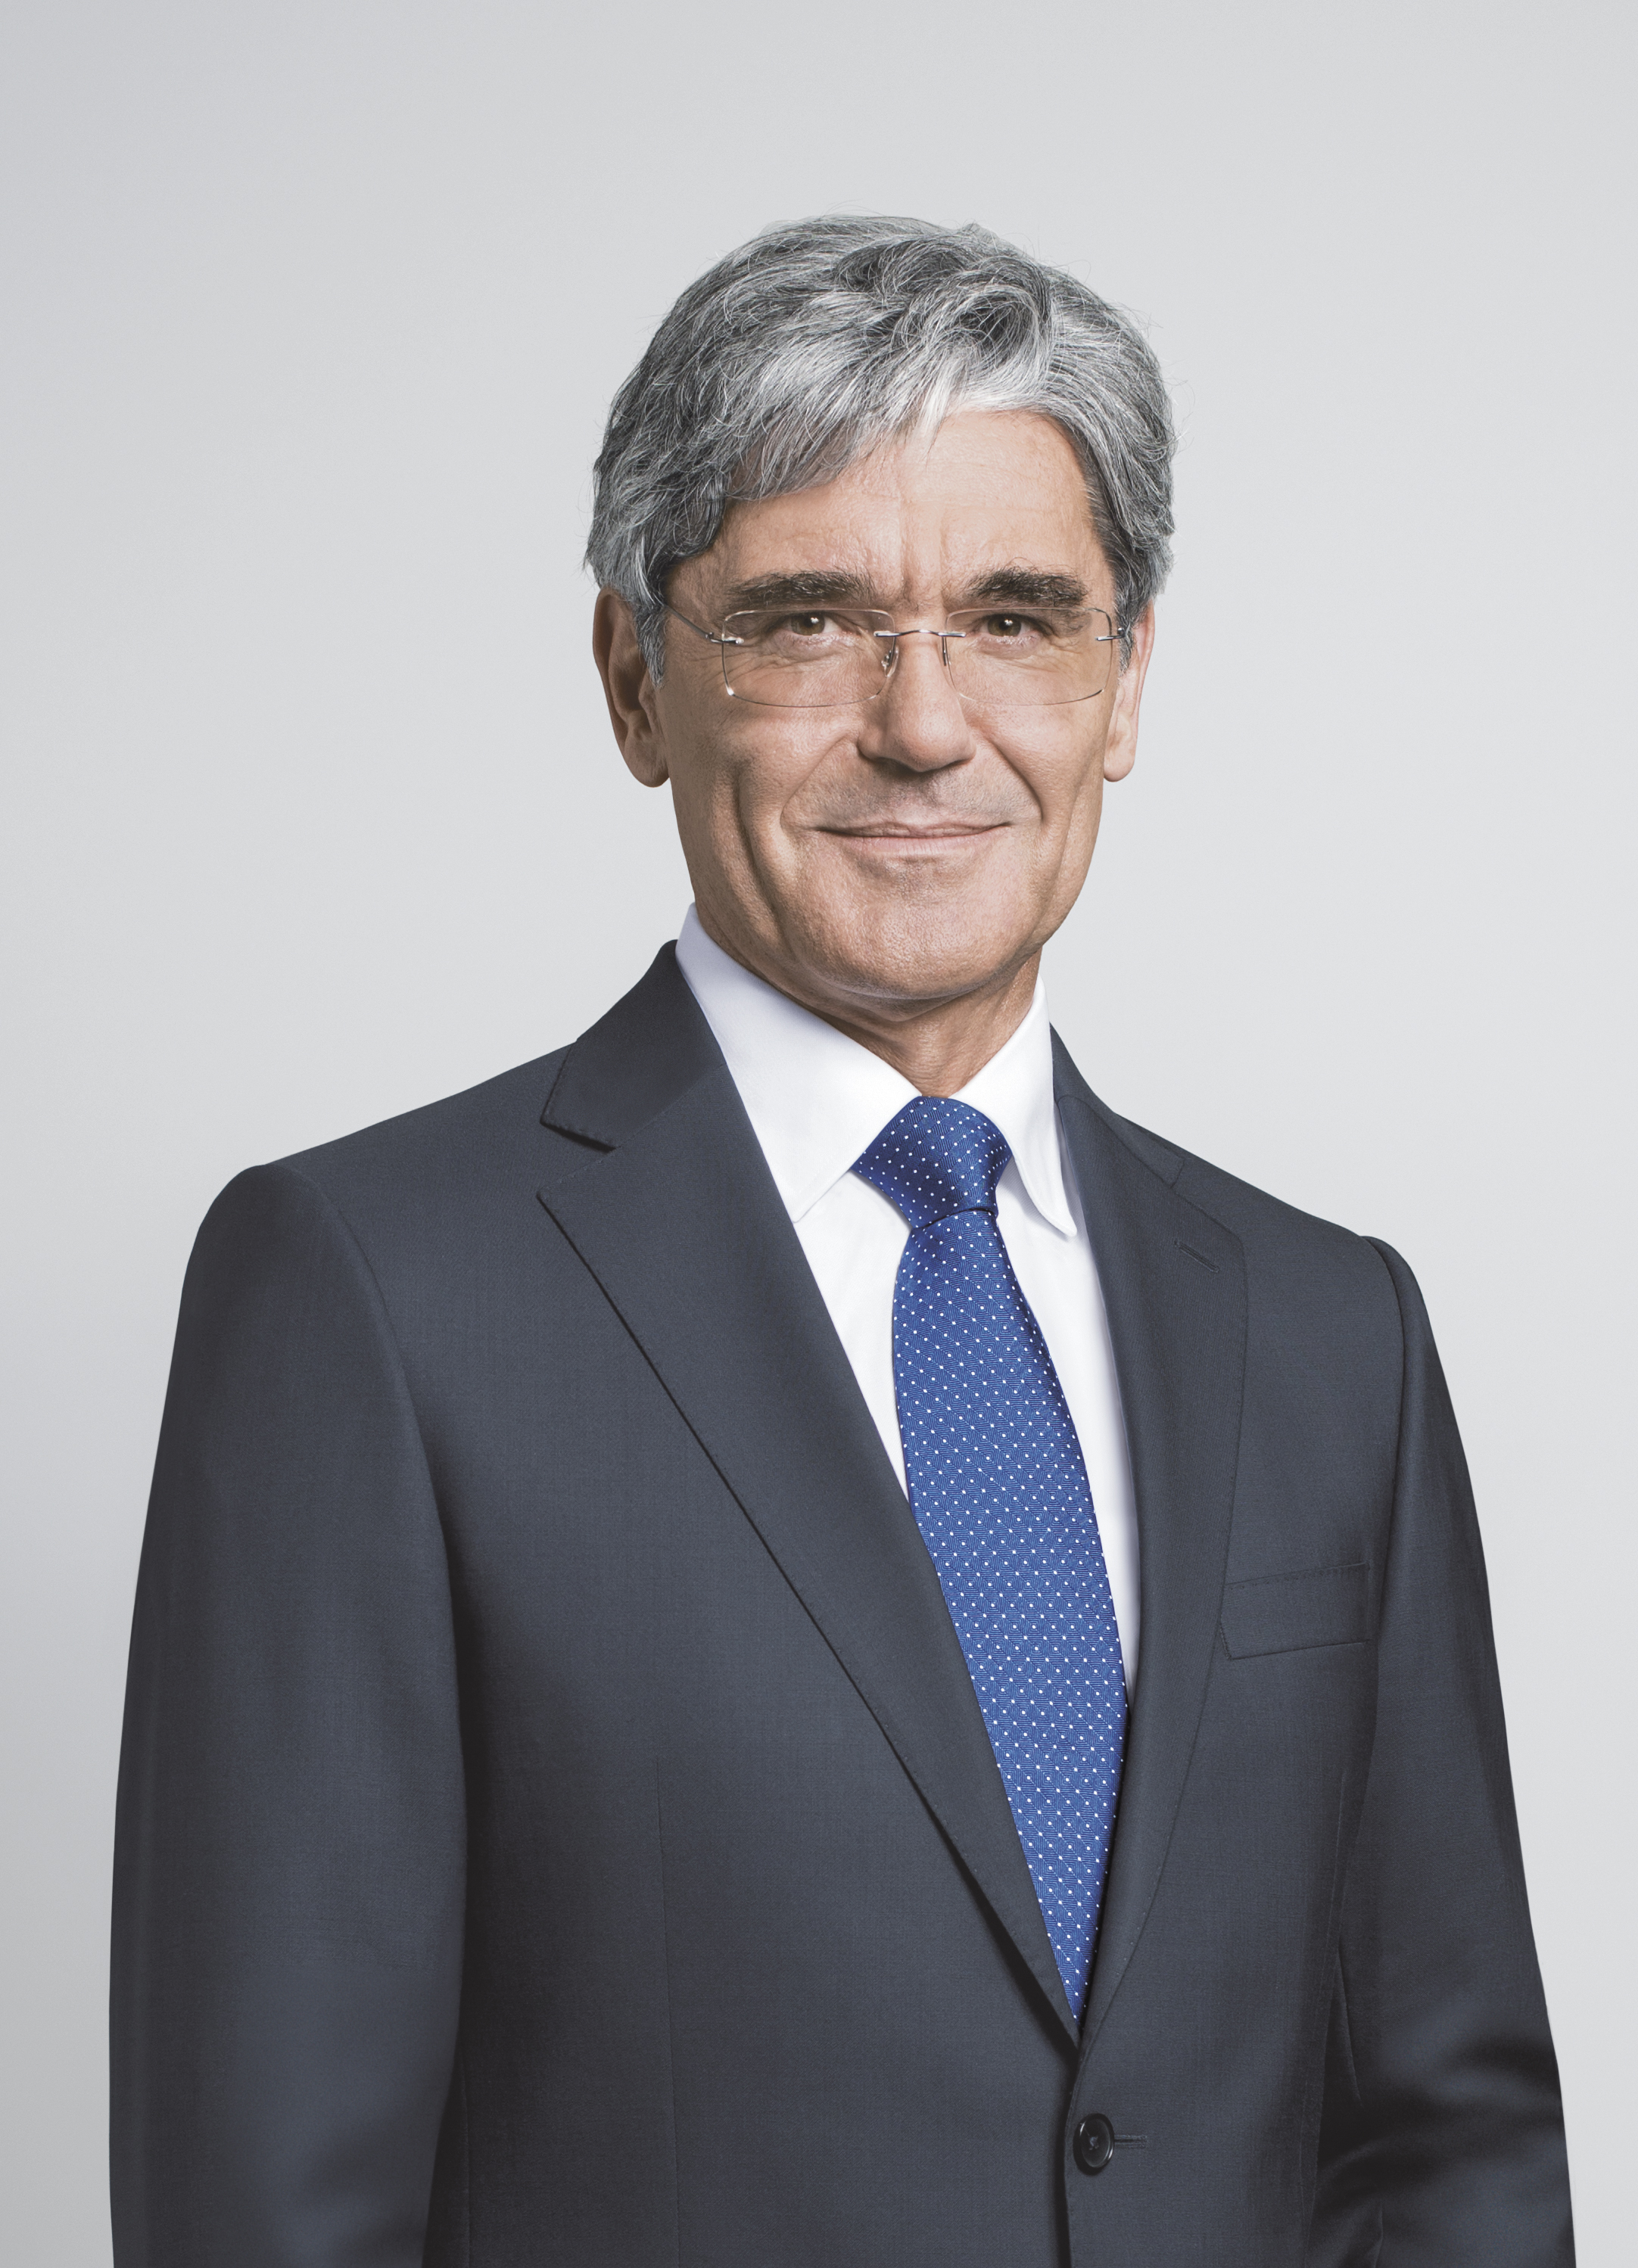 Siemens im 1. Geschäftsquartal 2018 mit Umsatzplus